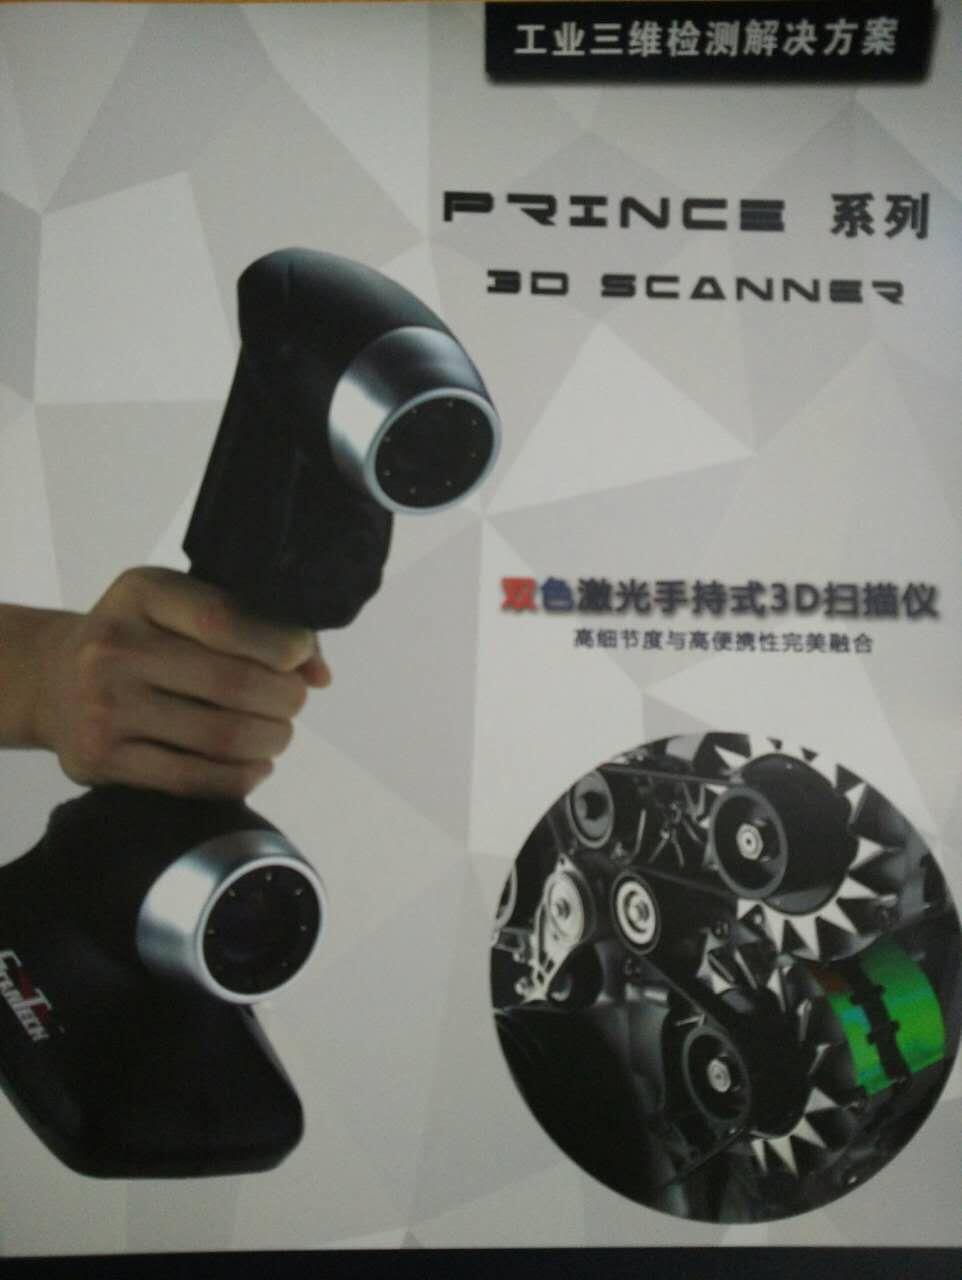 双色激光手持式三维扫描仪